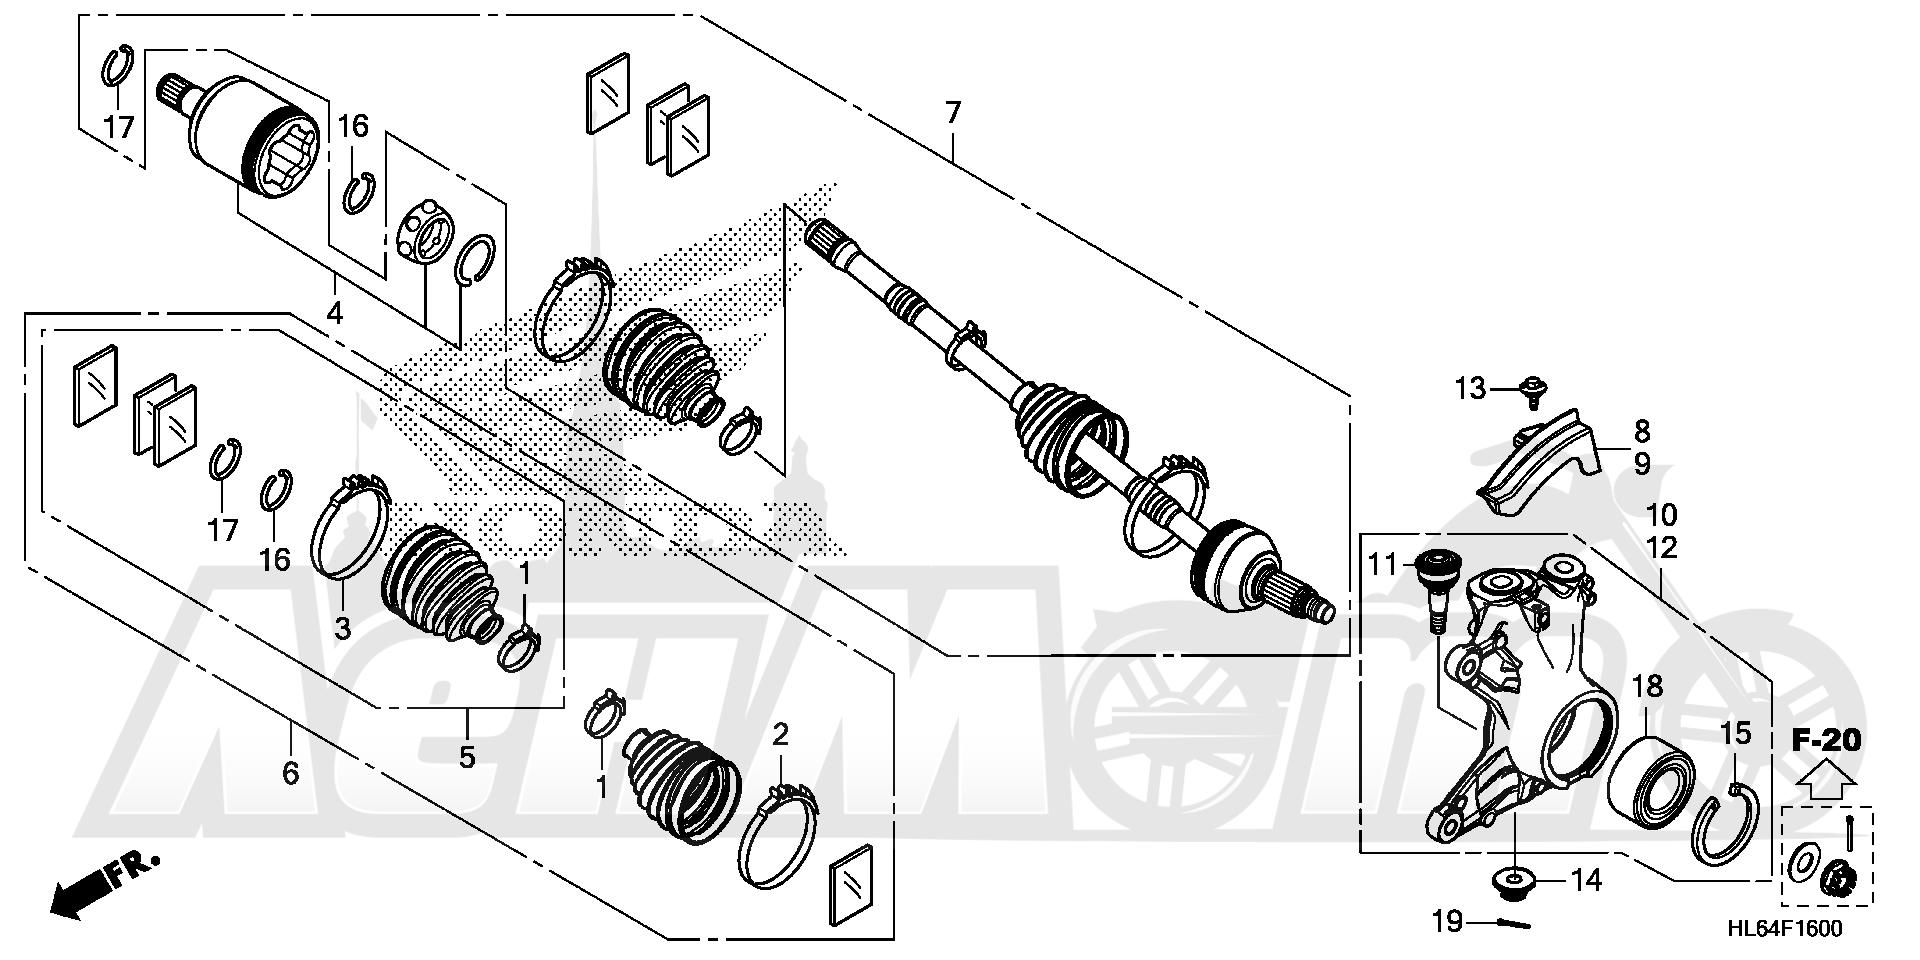 Запчасти для Квадроцикла Honda 2019 SXS1000S2X Раздел: FRONT KNUCKLE AND DRIVESHAFT | перед кулак и DRIVESHAFT